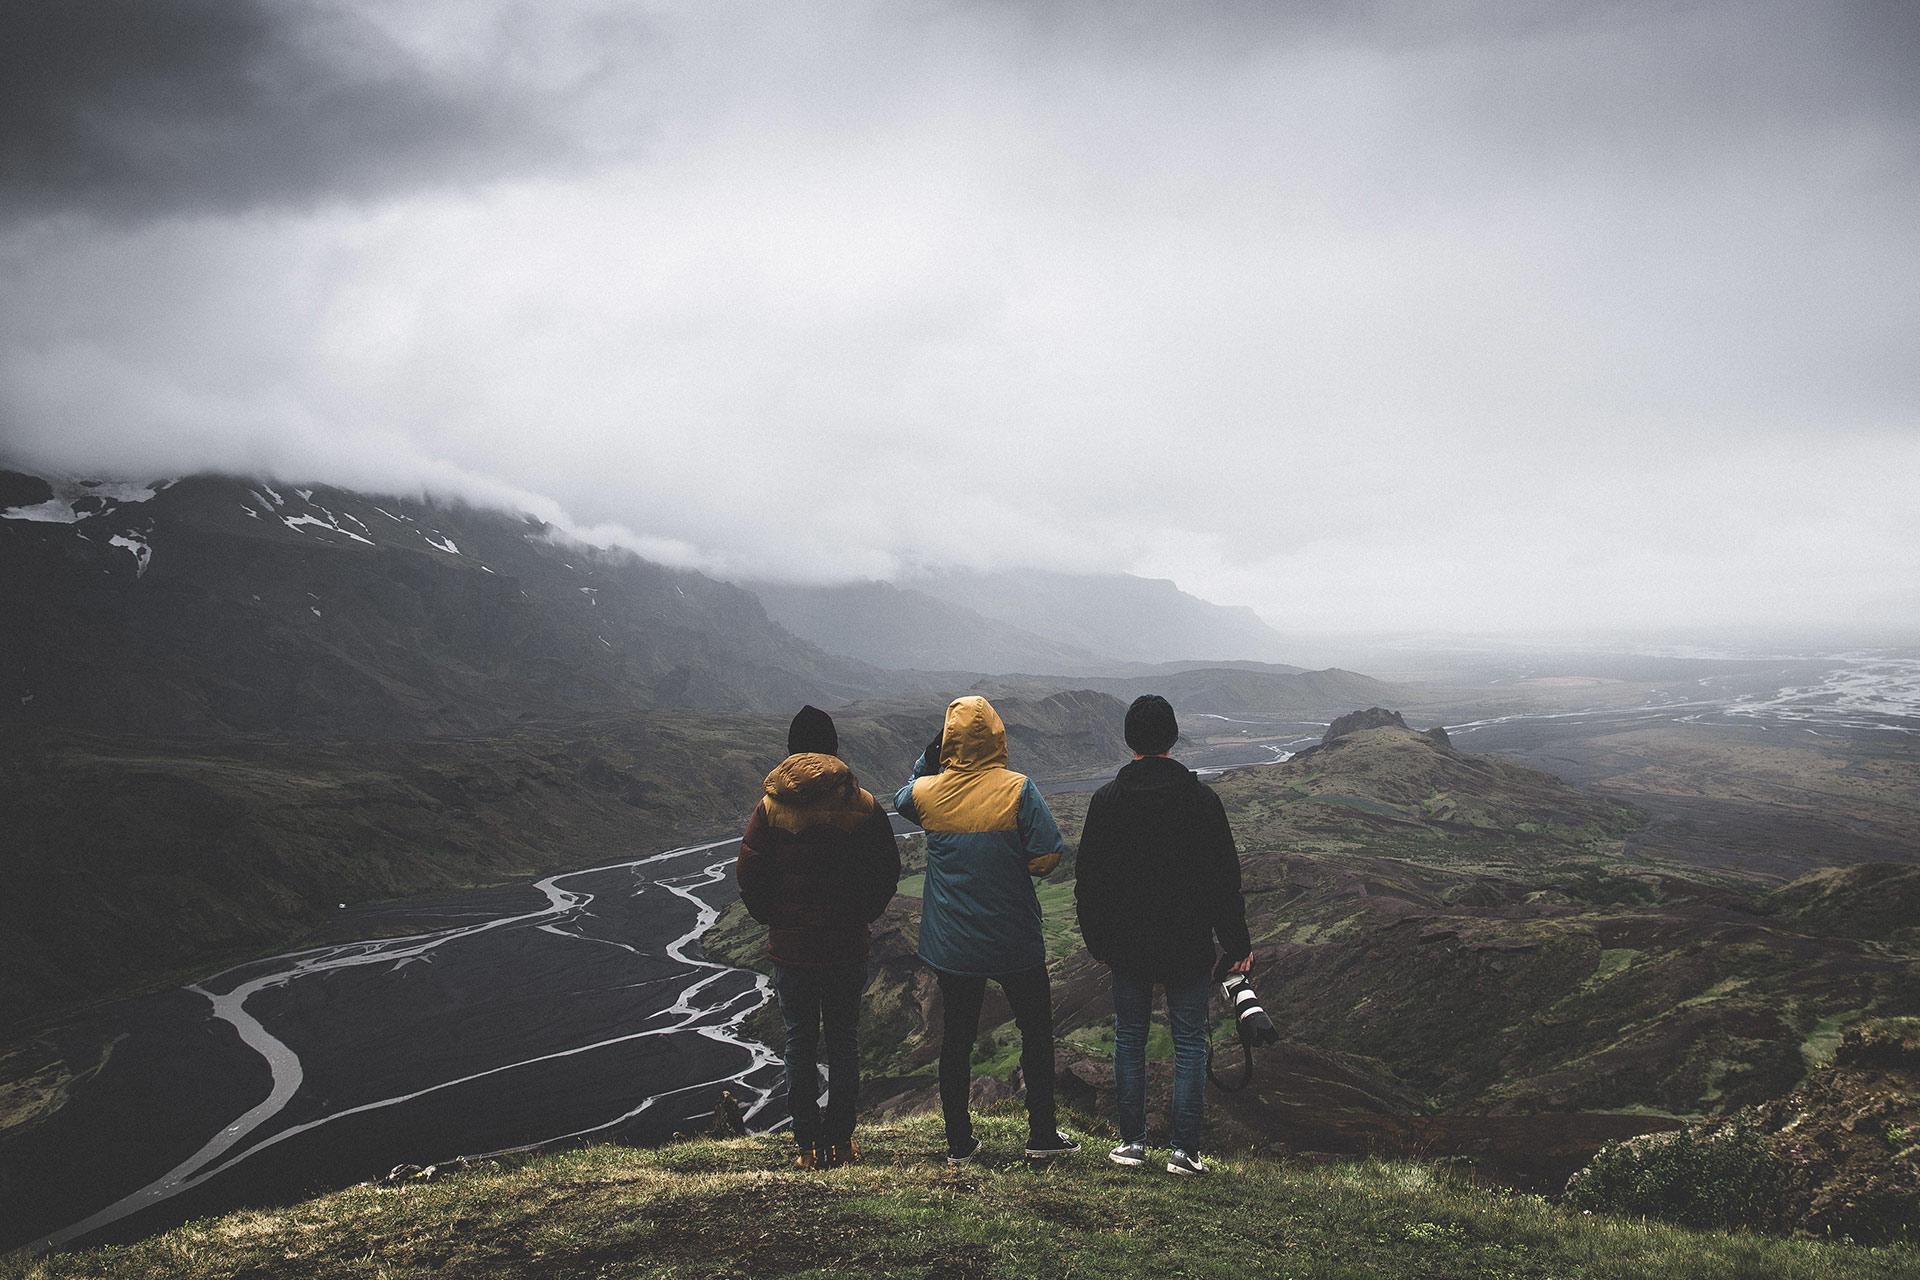 8-godzinna wycieczka Super Jeepem z wędrówką po dolinie Thorsmork i transferem z Hvolsvollur